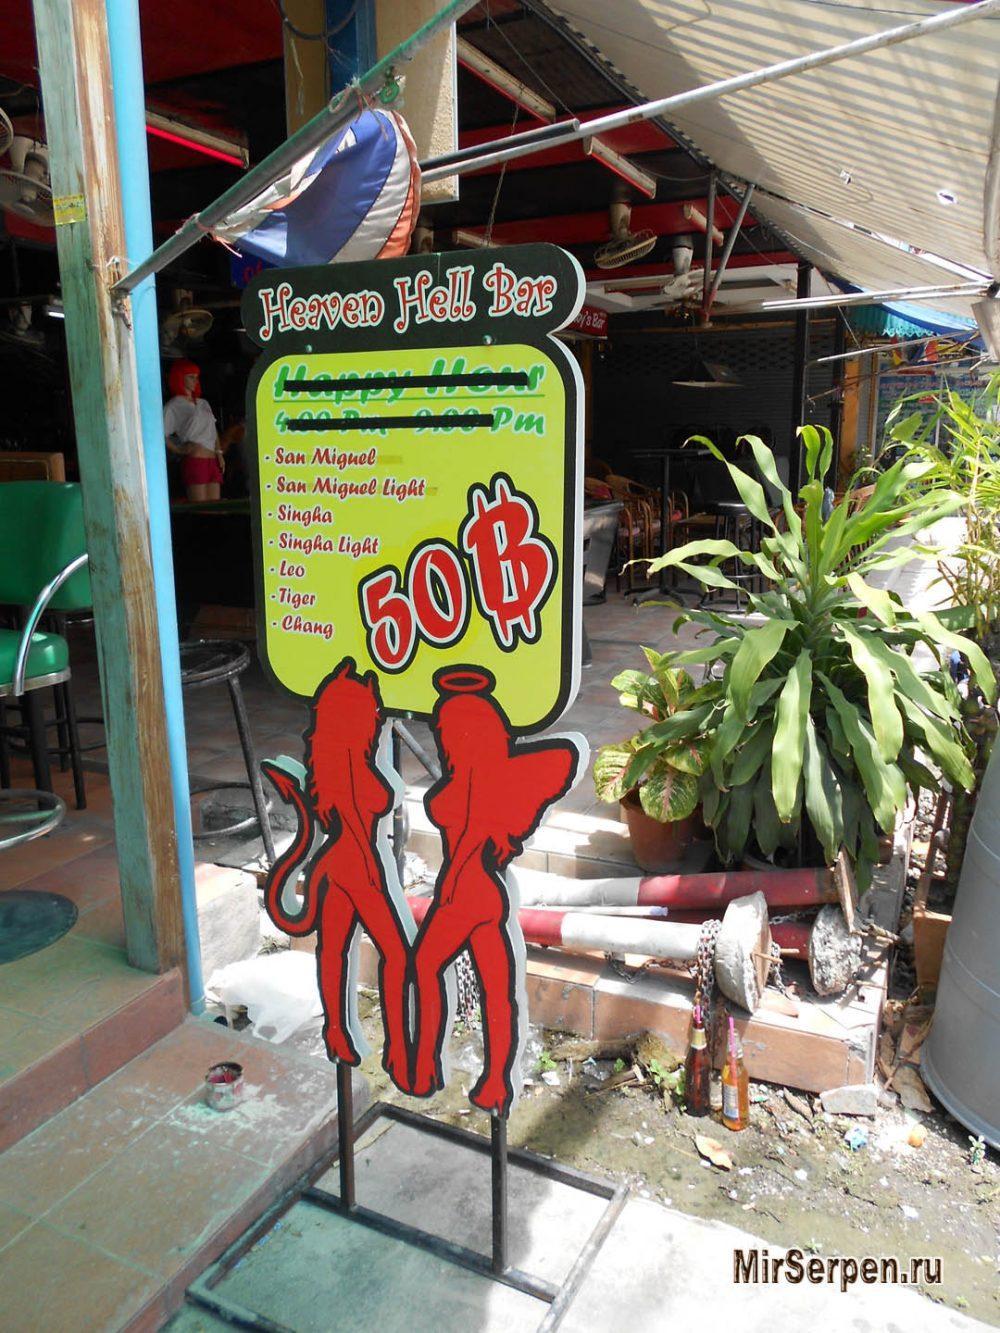 Находим общий язык с тайкой: словарь секс-туриста в Таиланде